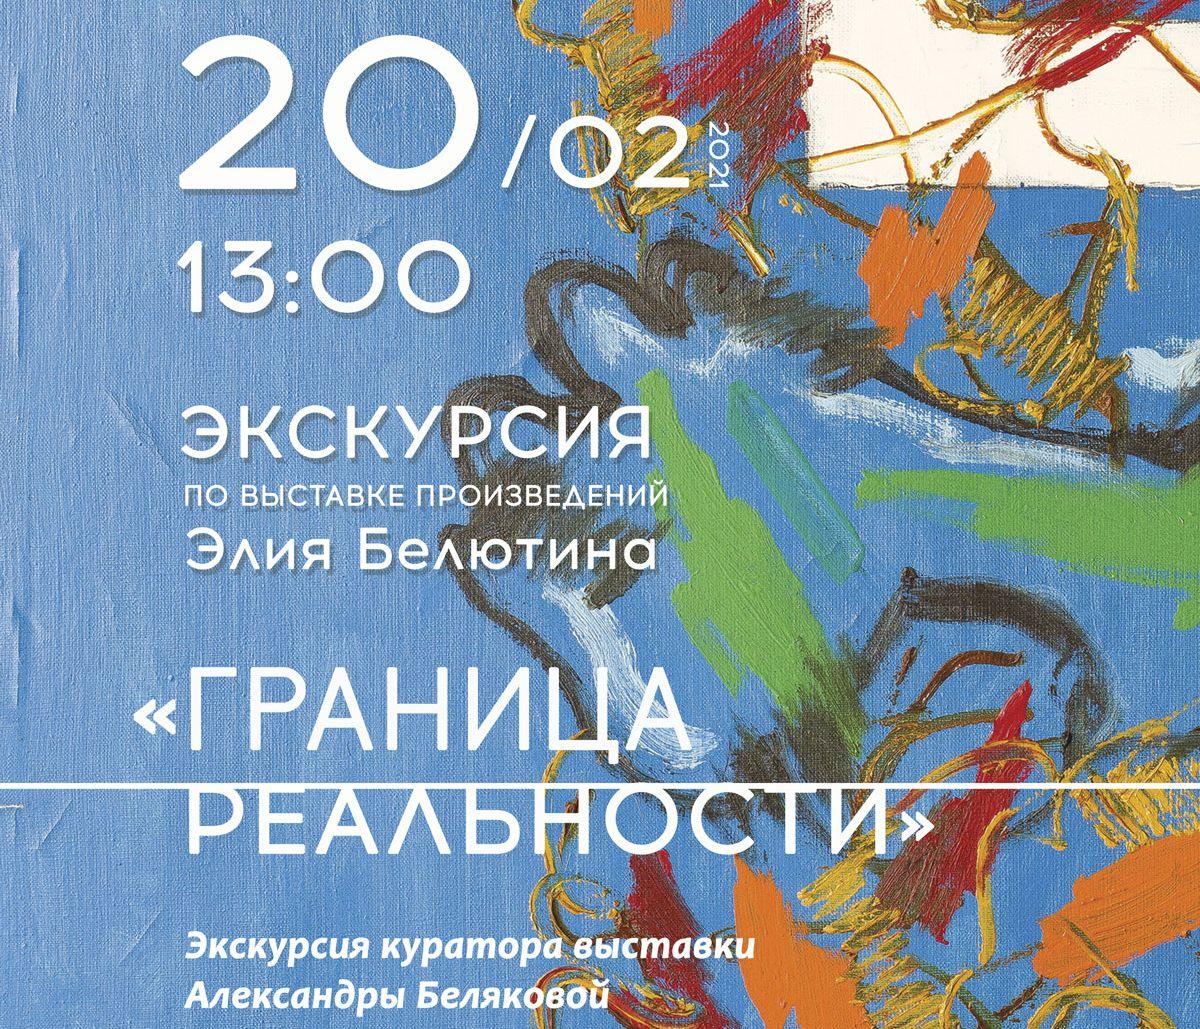 Тверской императорский музей приглашает на кураторскую экскурсию по выставке «Граница реальности»